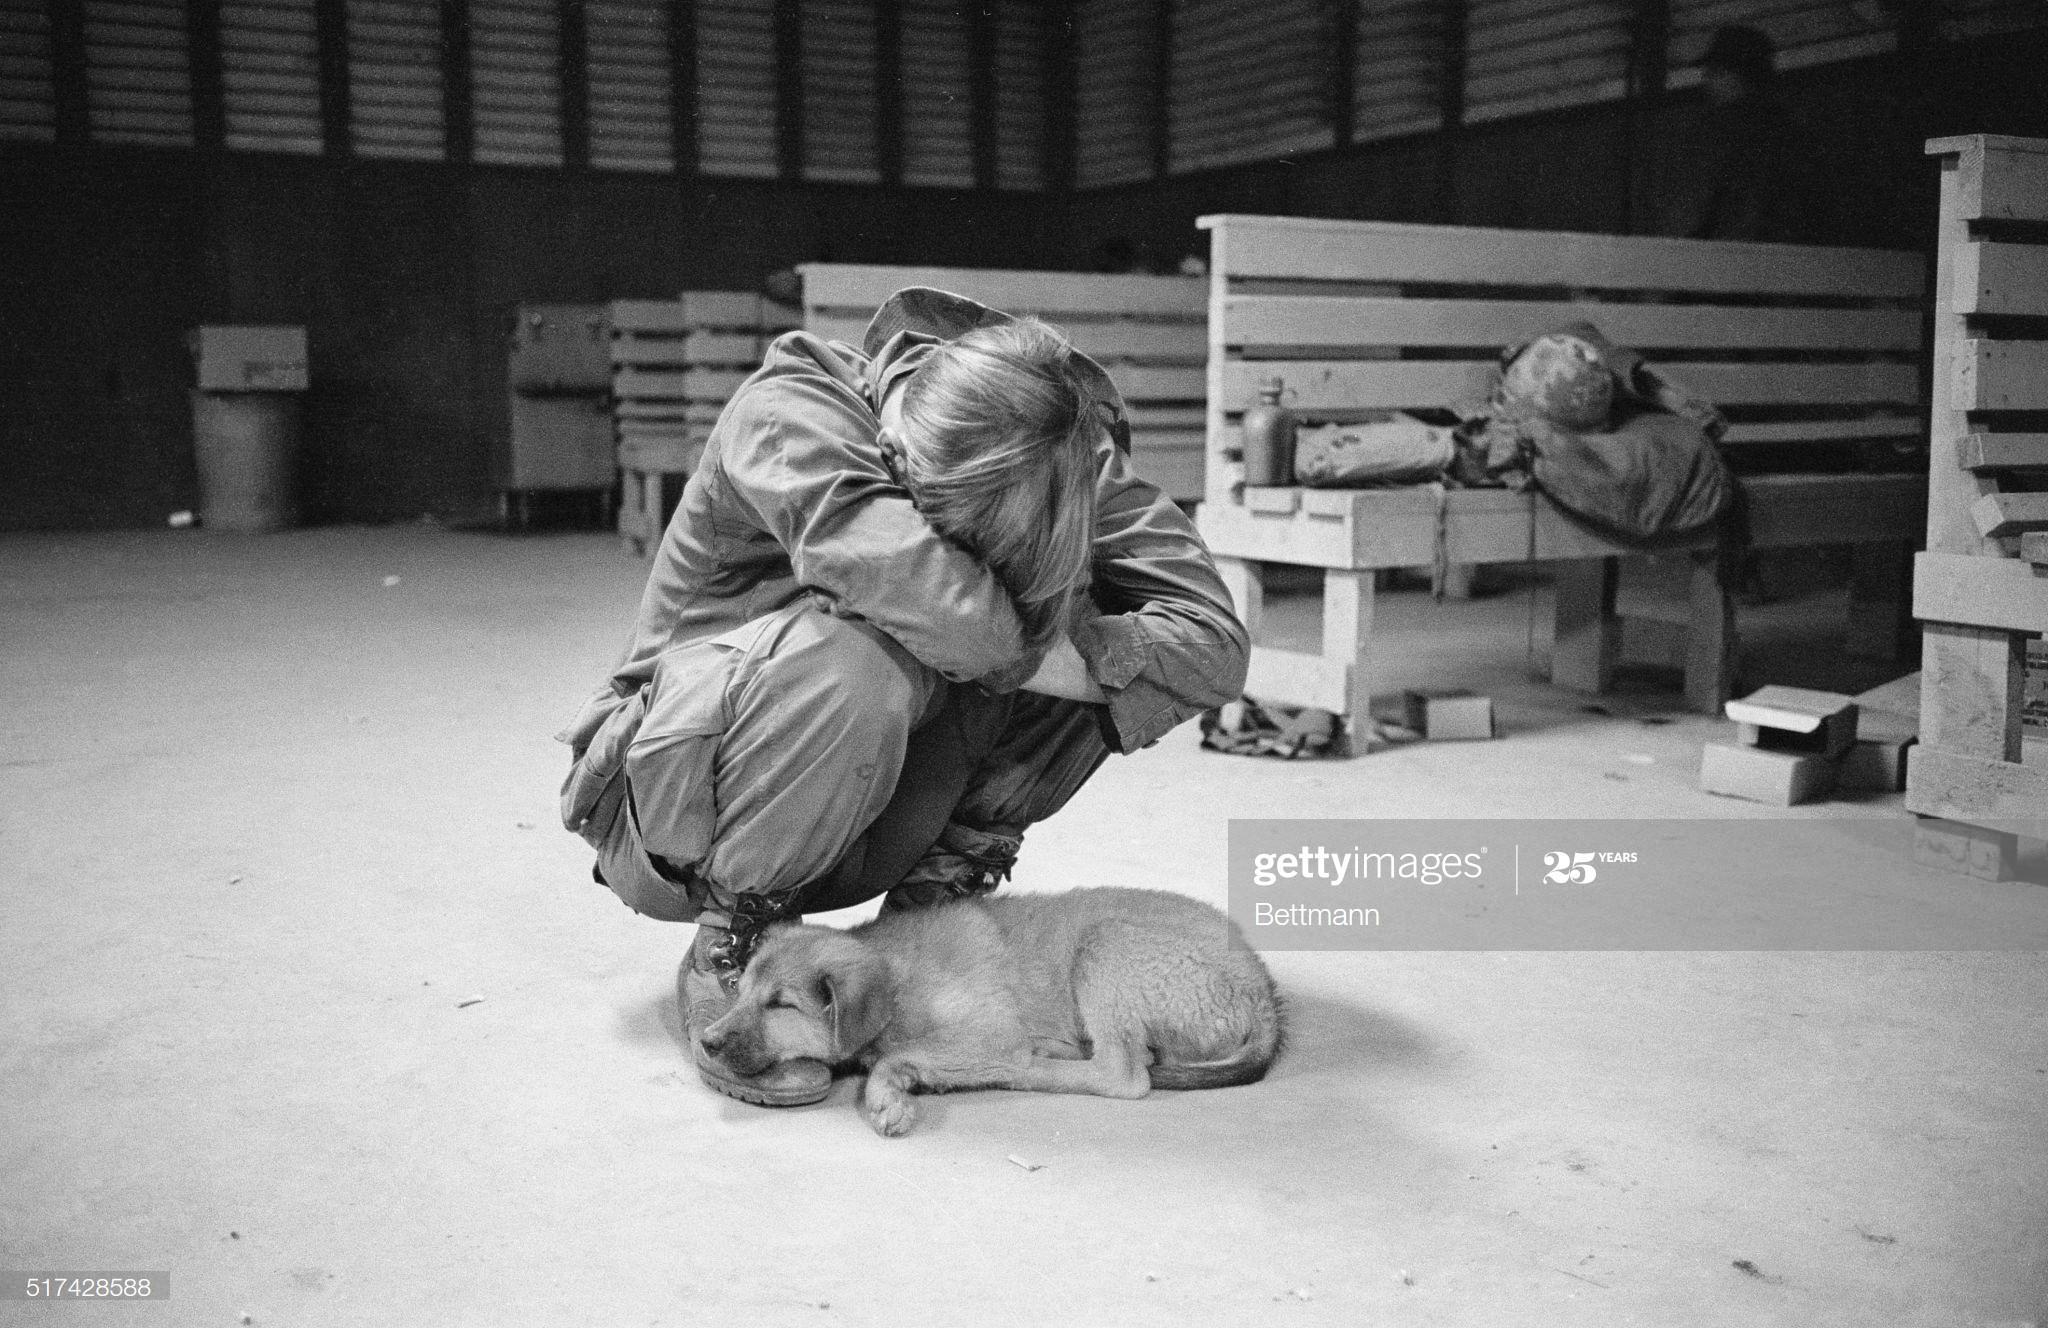 Ảnh độc: Giấc ngủ của lính Mỹ trong chiến tranh Việt Nam Ảnh 2